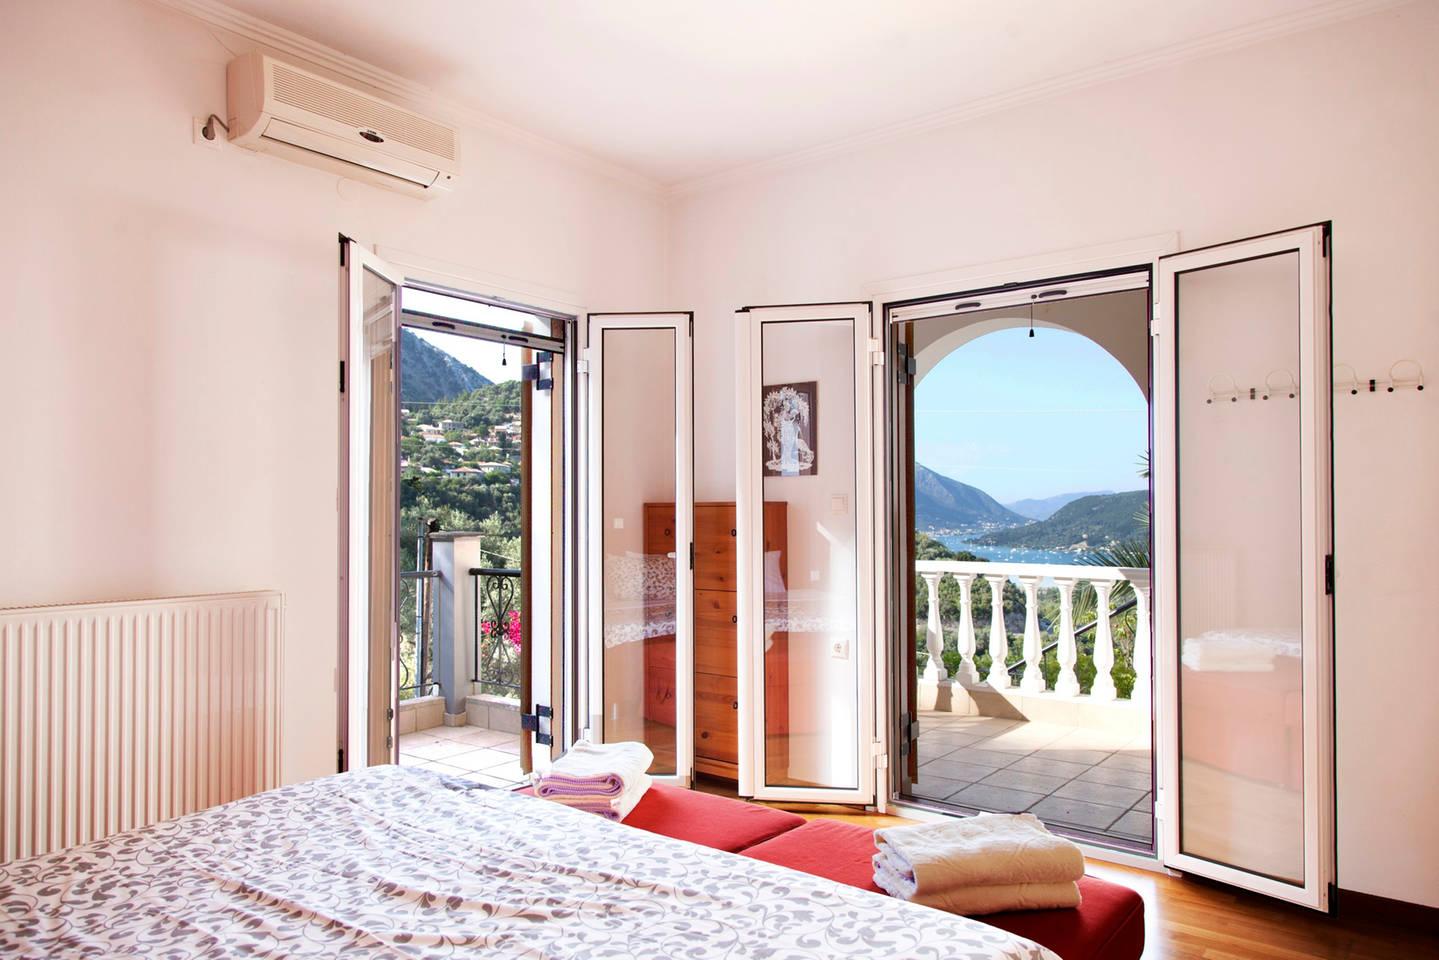 Great Villa with amazing sea views, quiet location photo 26050447